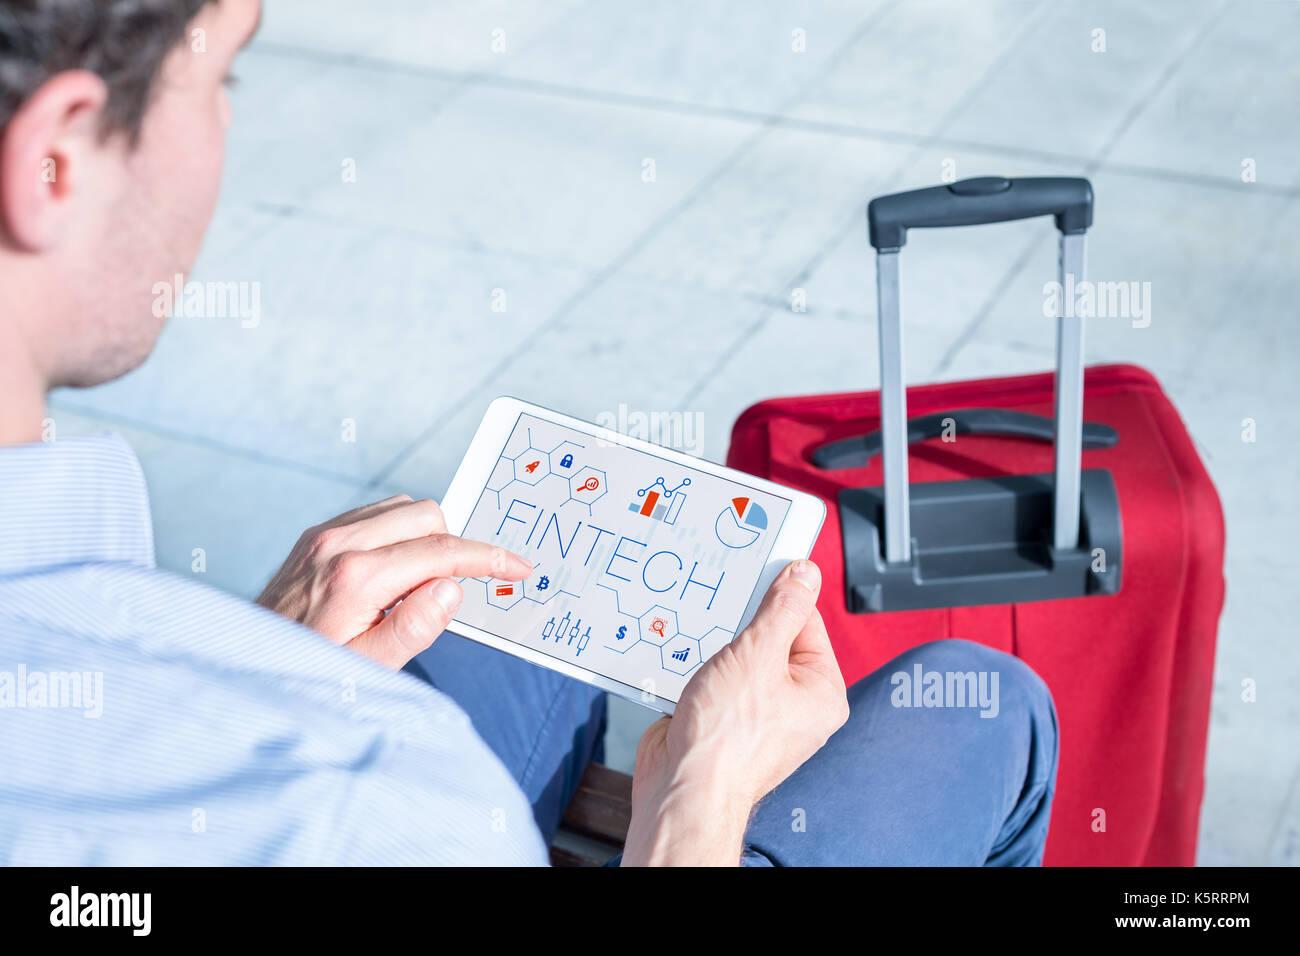 Businessman at airport en utilisant digital tablet computer avec infographie concept de classement fintech (financières) à l'écran, les voyages d'affaires Photo Stock